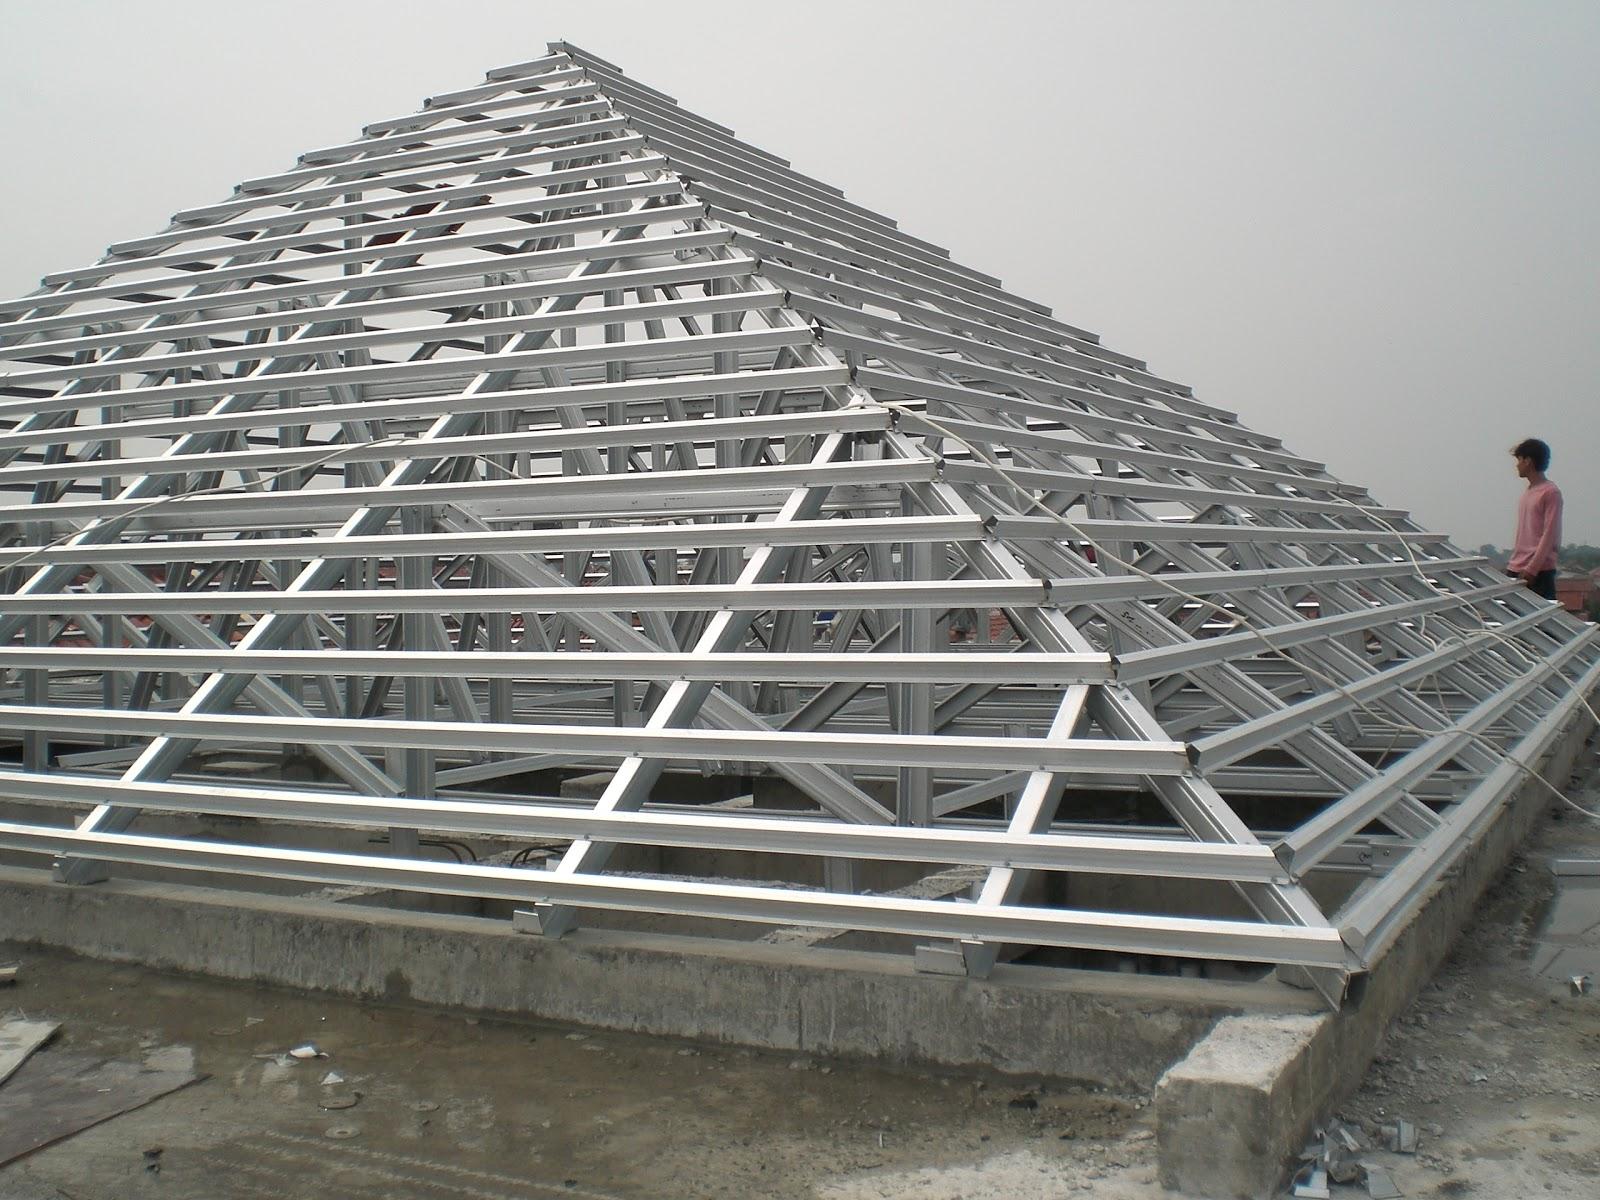 harga atap baja ringan paling murah taso semarang: semarang